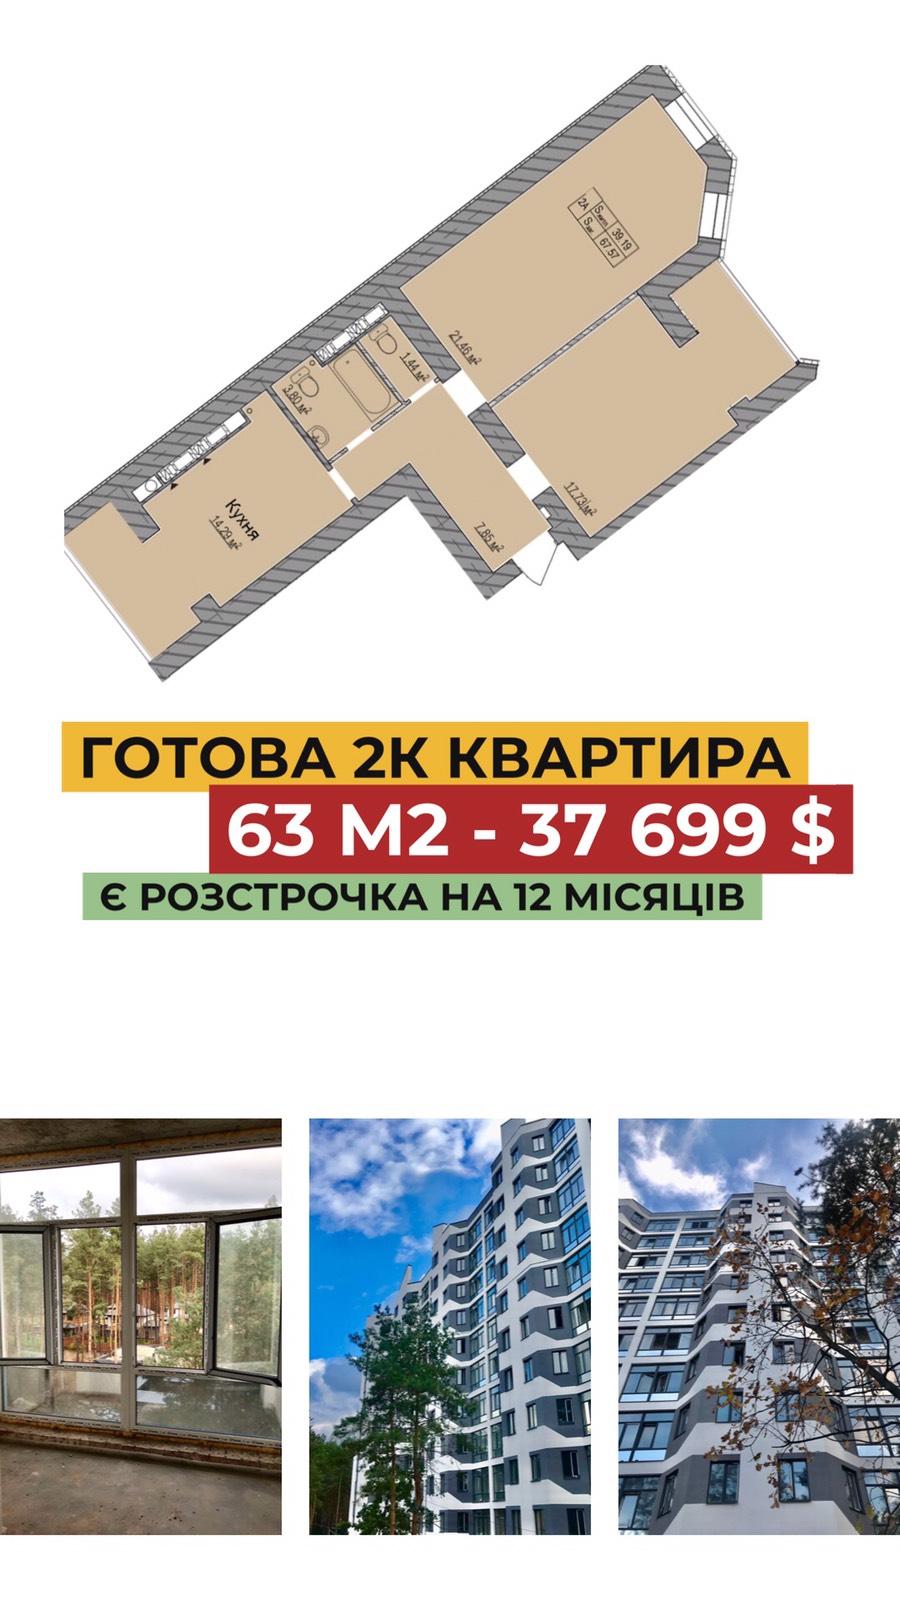 Готовая 2к квартира